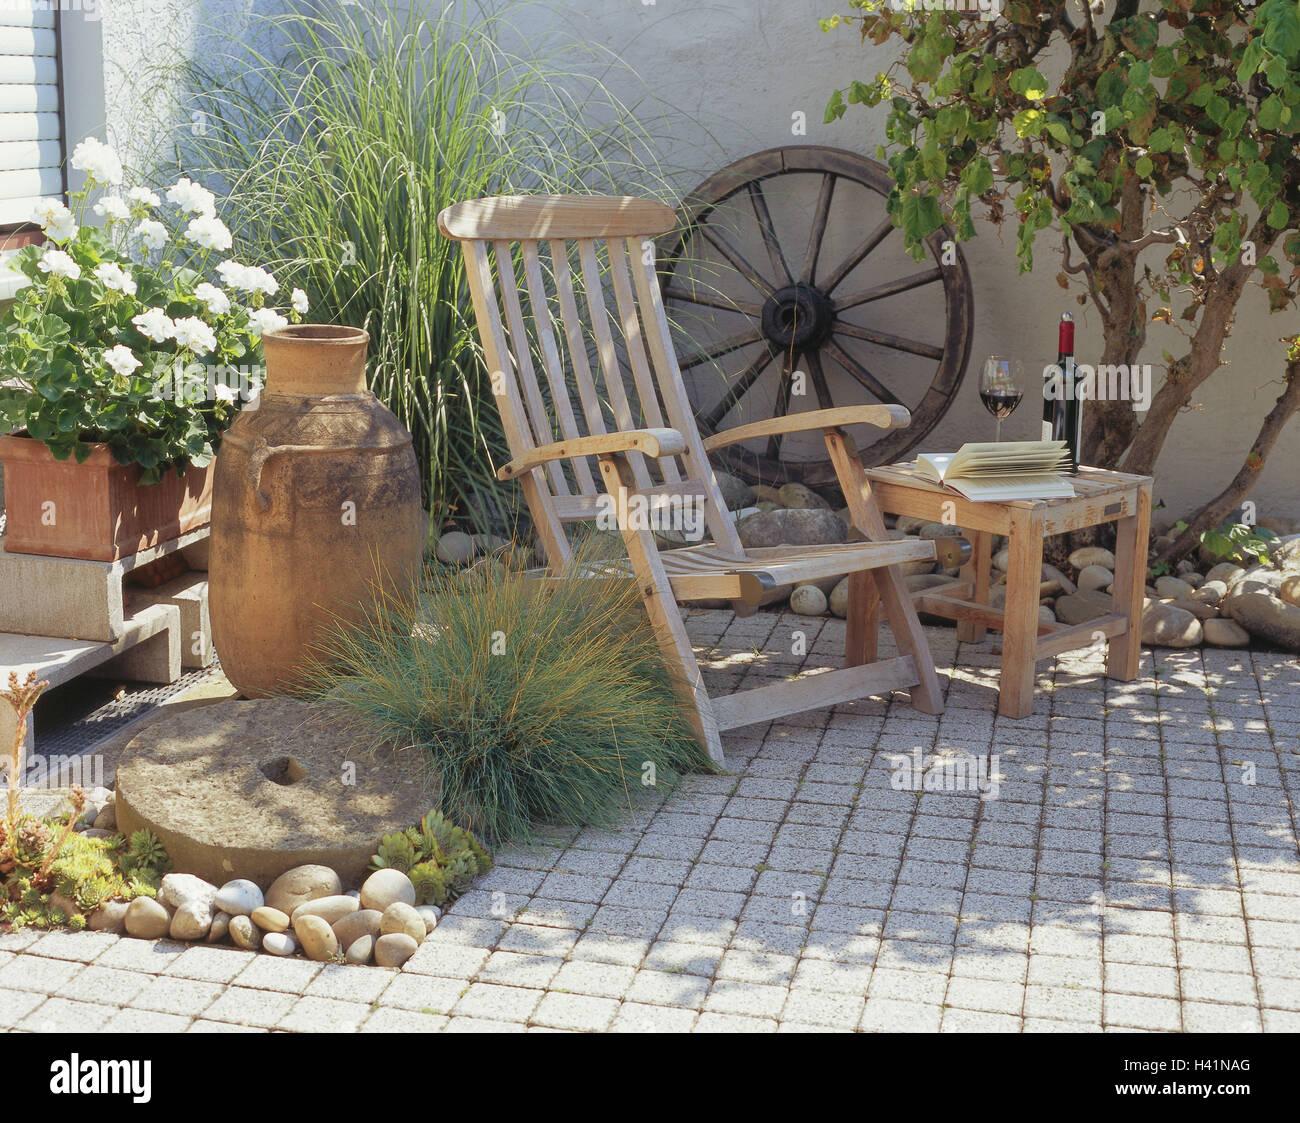 Terrasse Garten Sessel Beistelltisch Wein Flasche Glas Buch